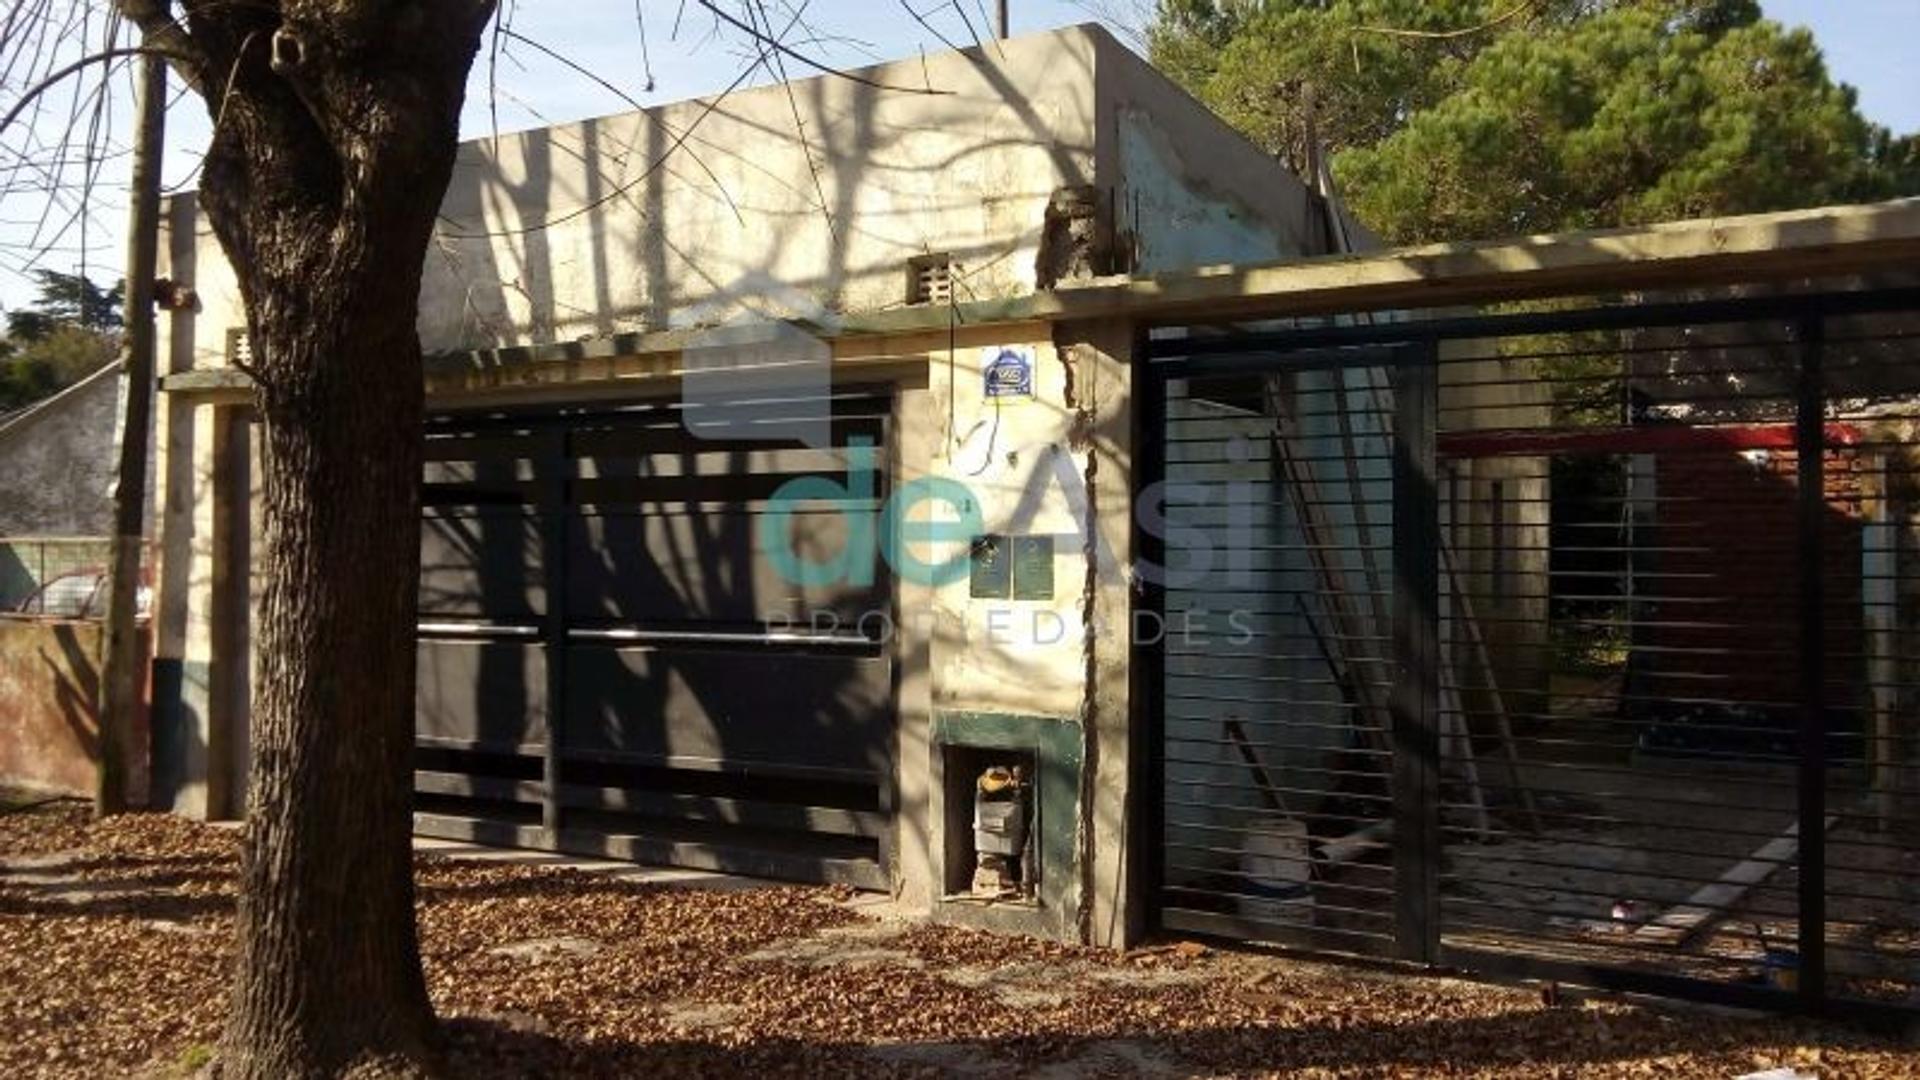 XINTEL(MDA-MDA-898) Casa - Venta - Argentina, La Plata - 453  AL 1500